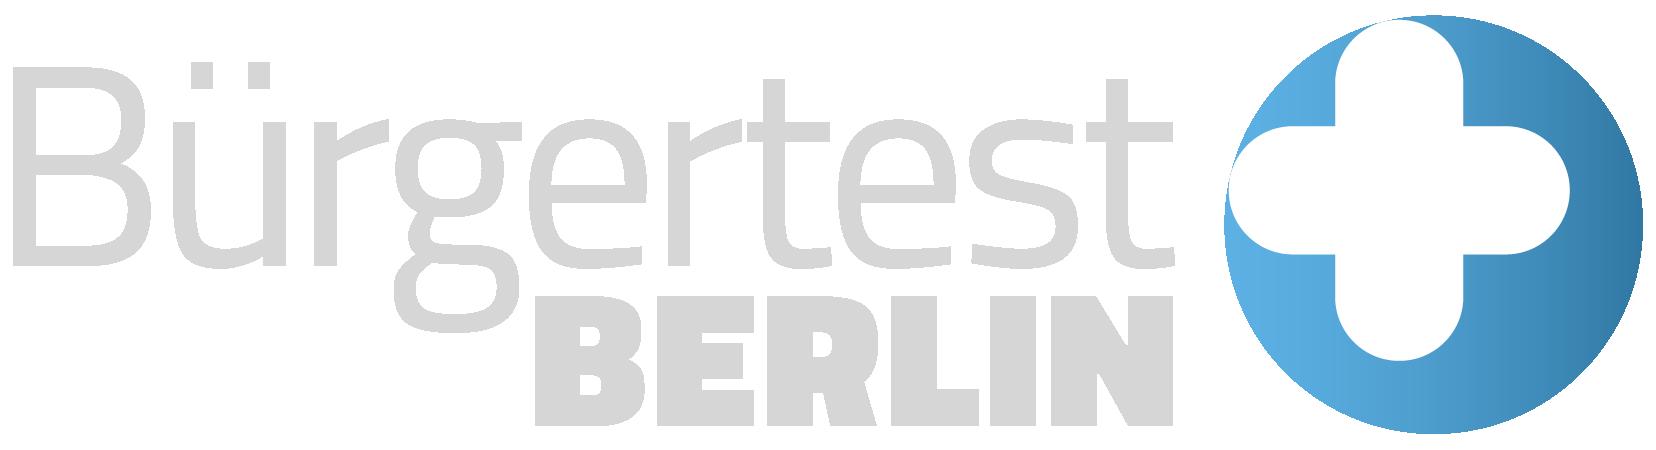 Bürgertest Berlin